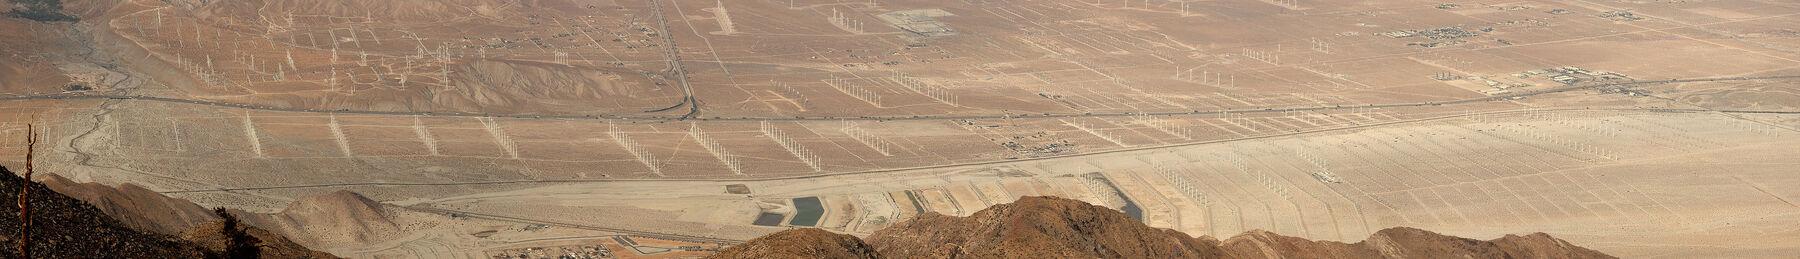 San gorgonio pass wind farm california pano.jpg